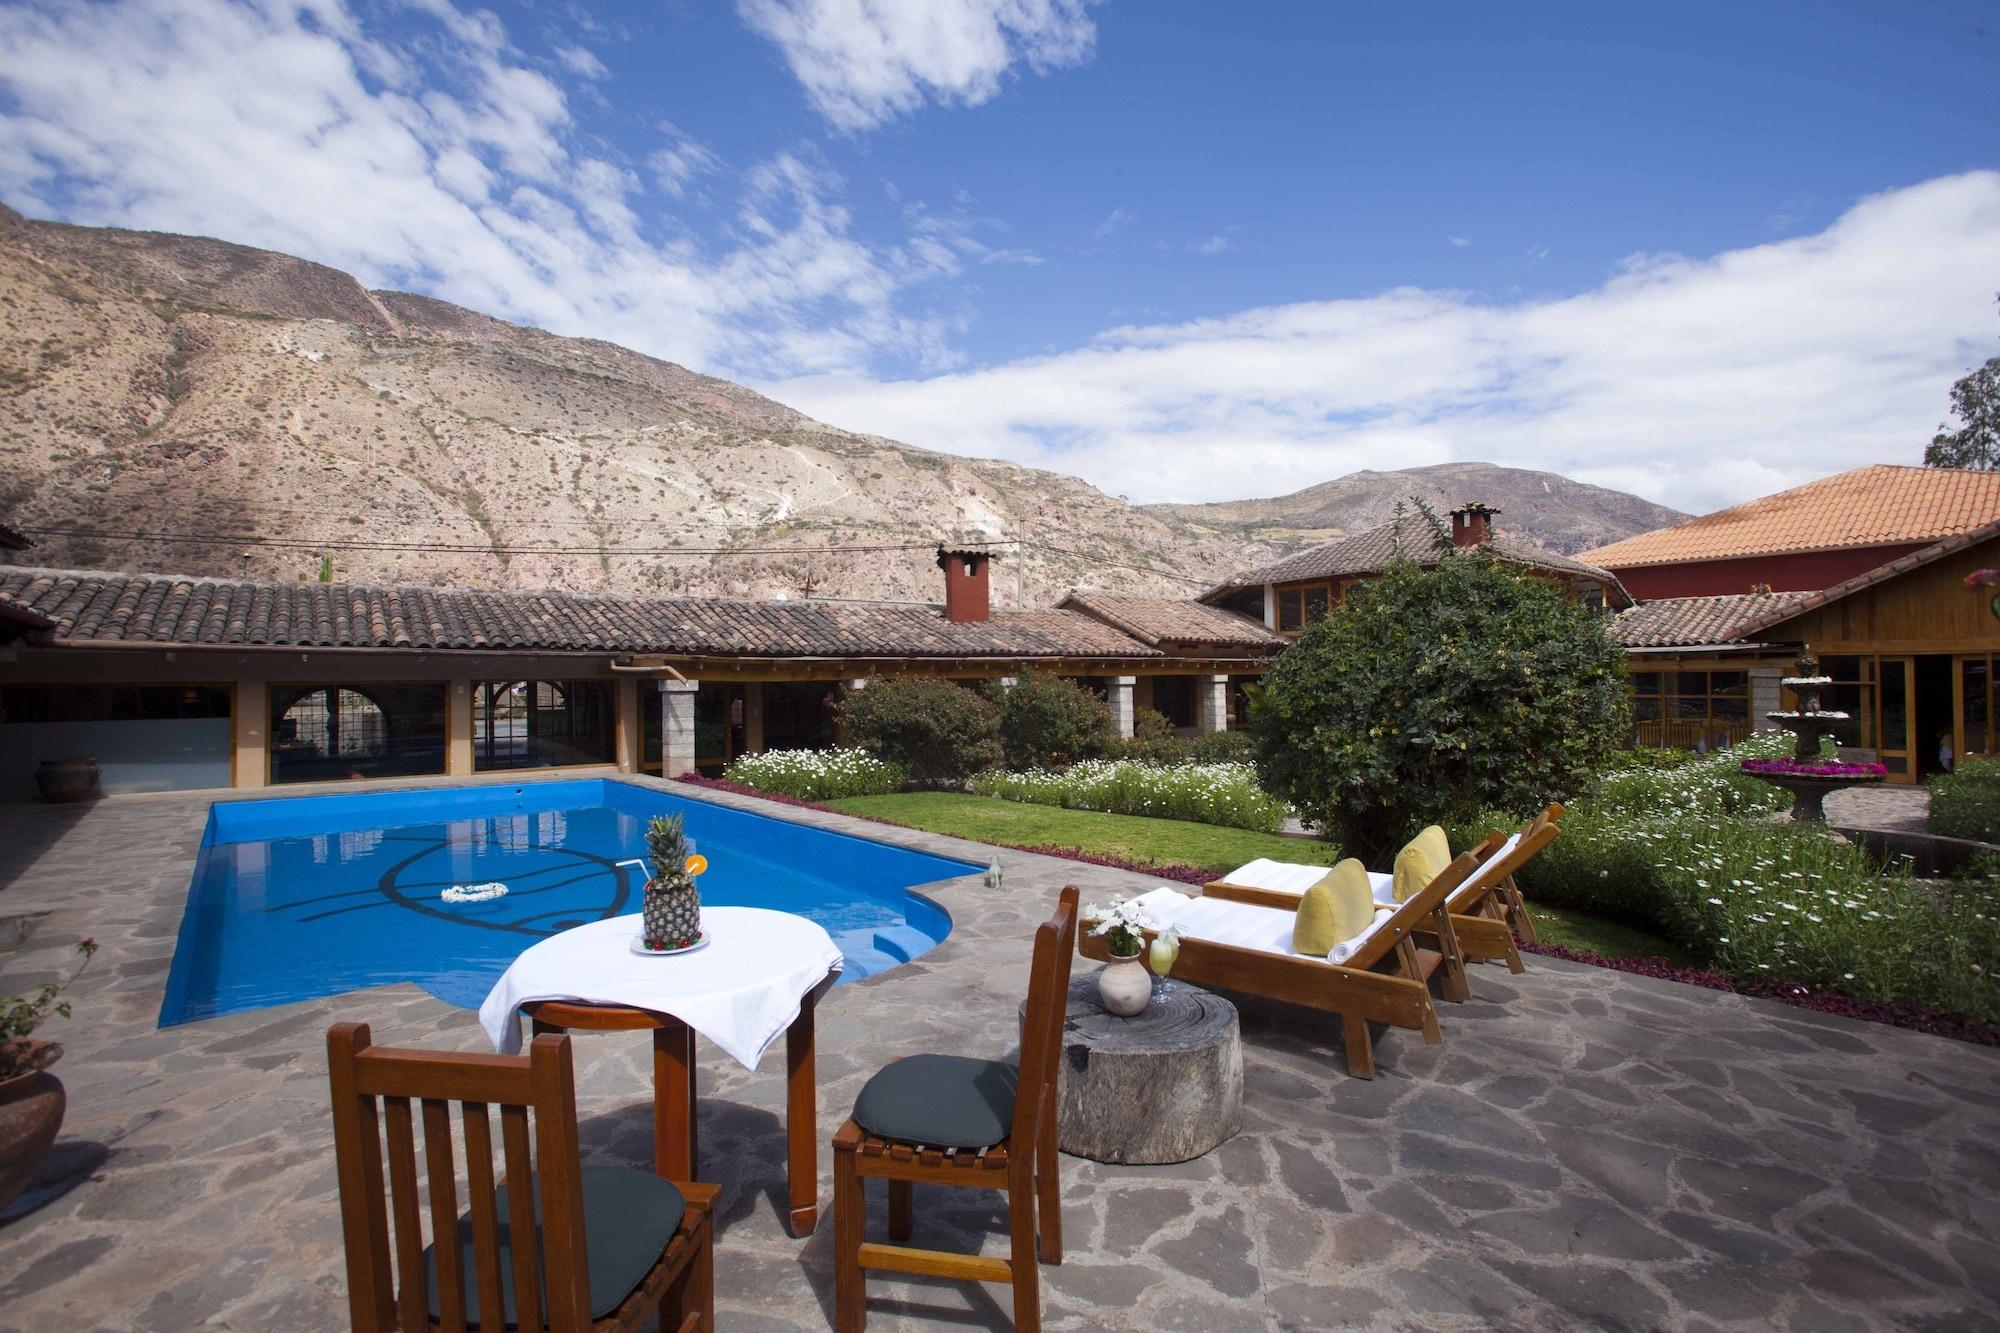 Hotel & Spa San Agustín Urubamba, Urubamba